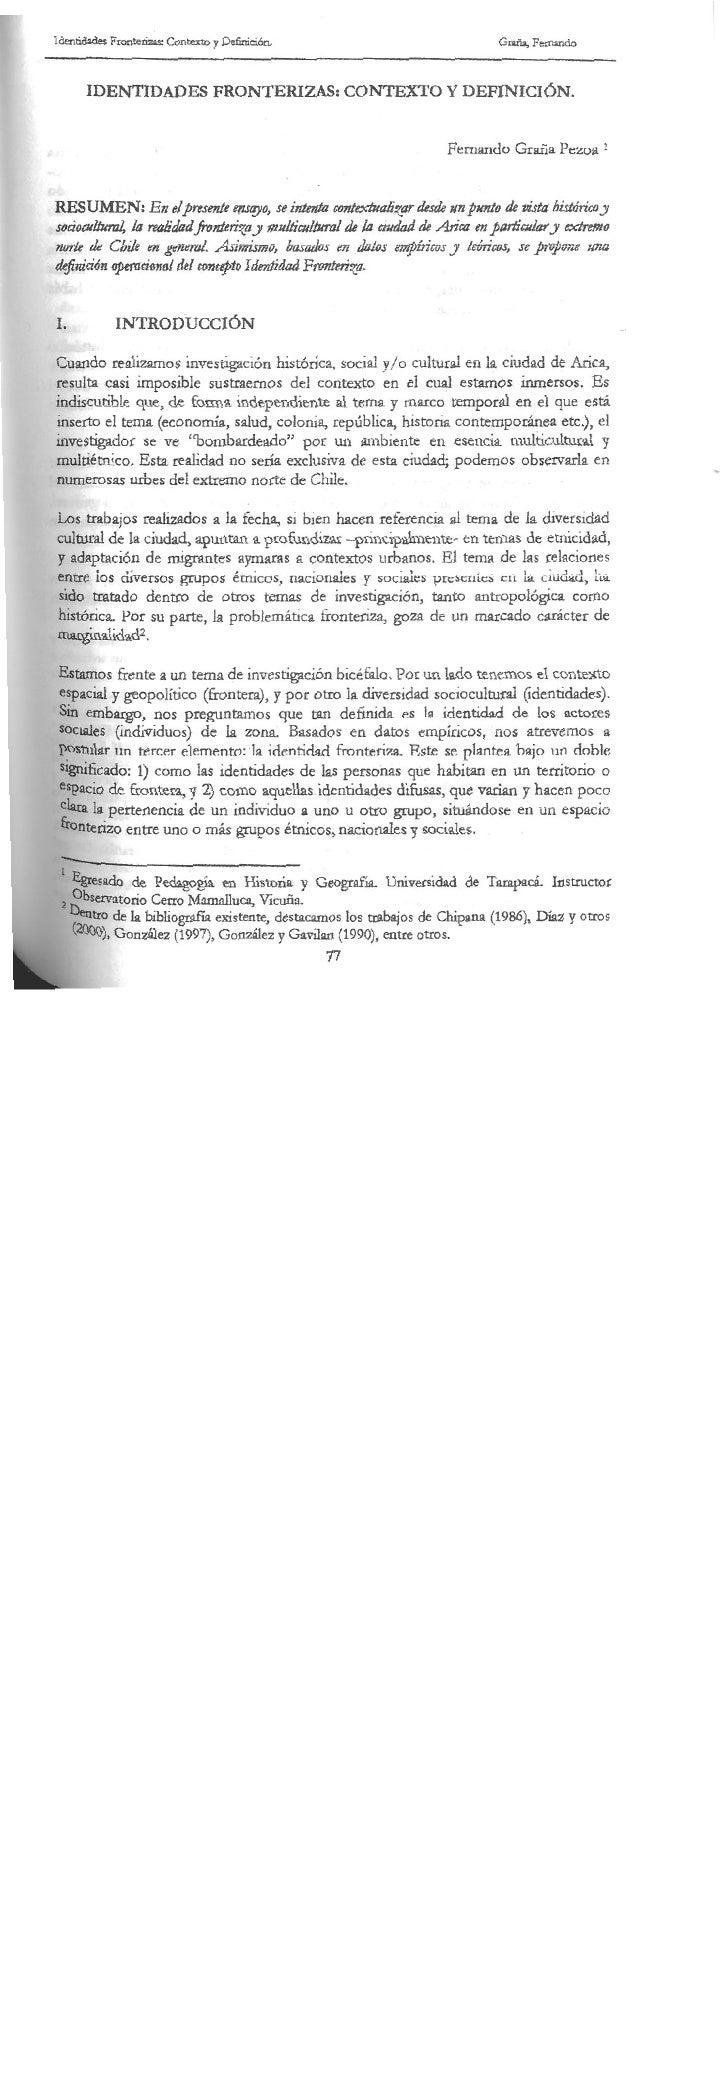 Identidades fronterizas. Contexto y... Revista Percepción 5 año 2001, Universidad de Tarapacá, Arica, Chile